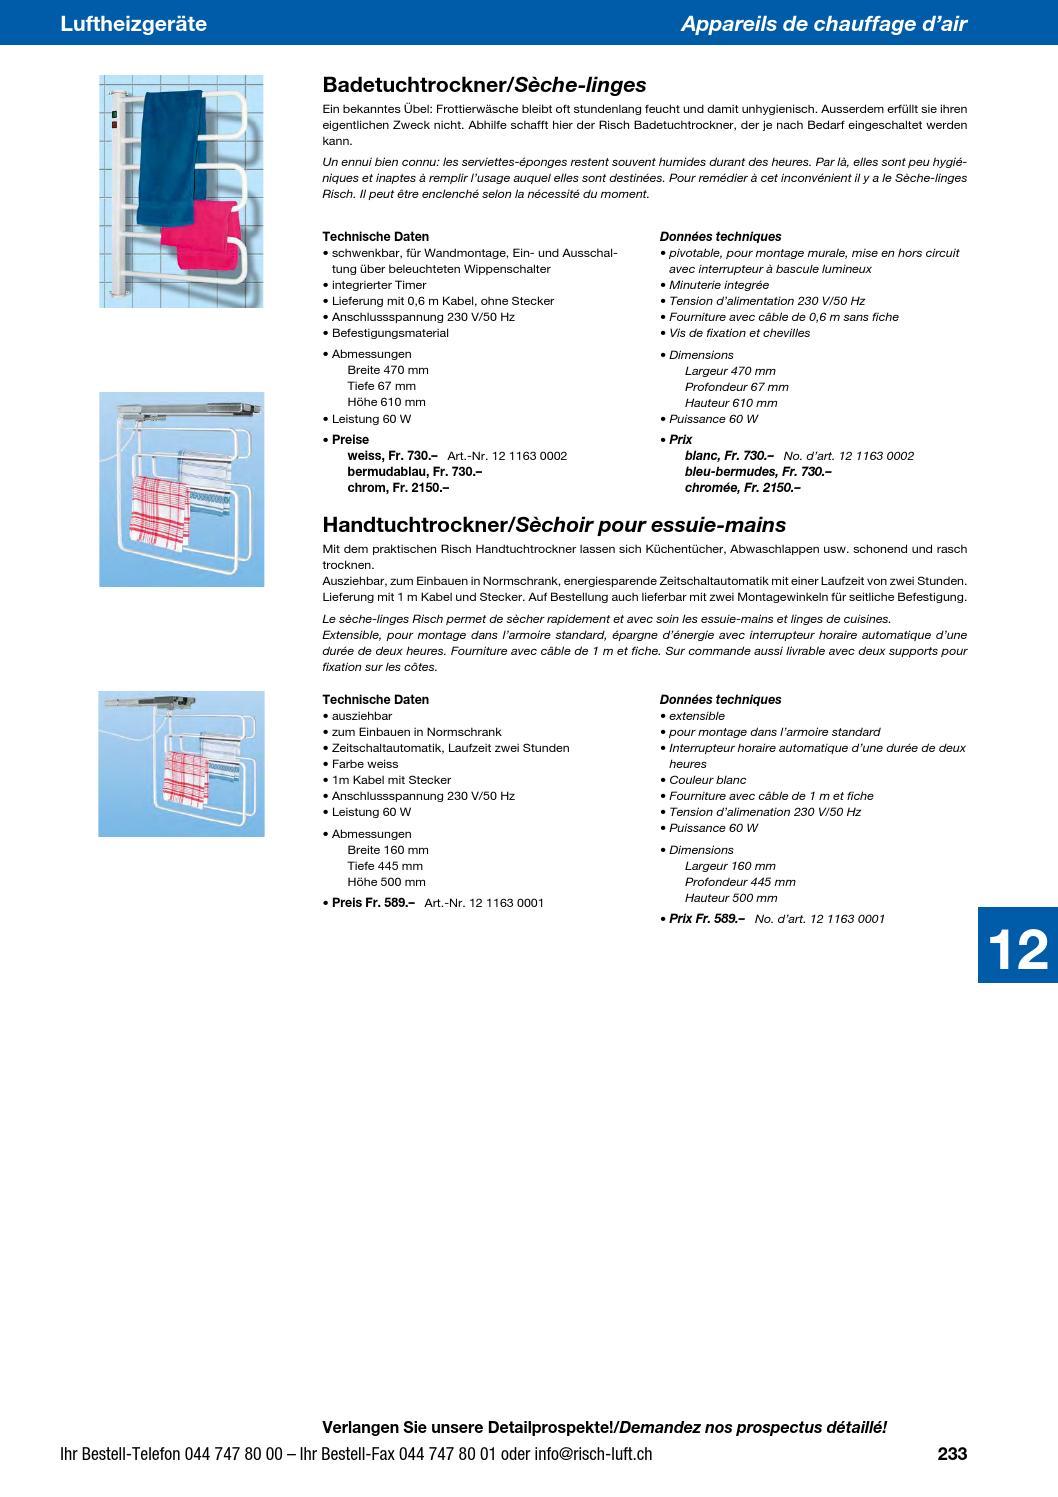 Risch Lufttechnik Ag Gesamtprospekt 2013 By Risch